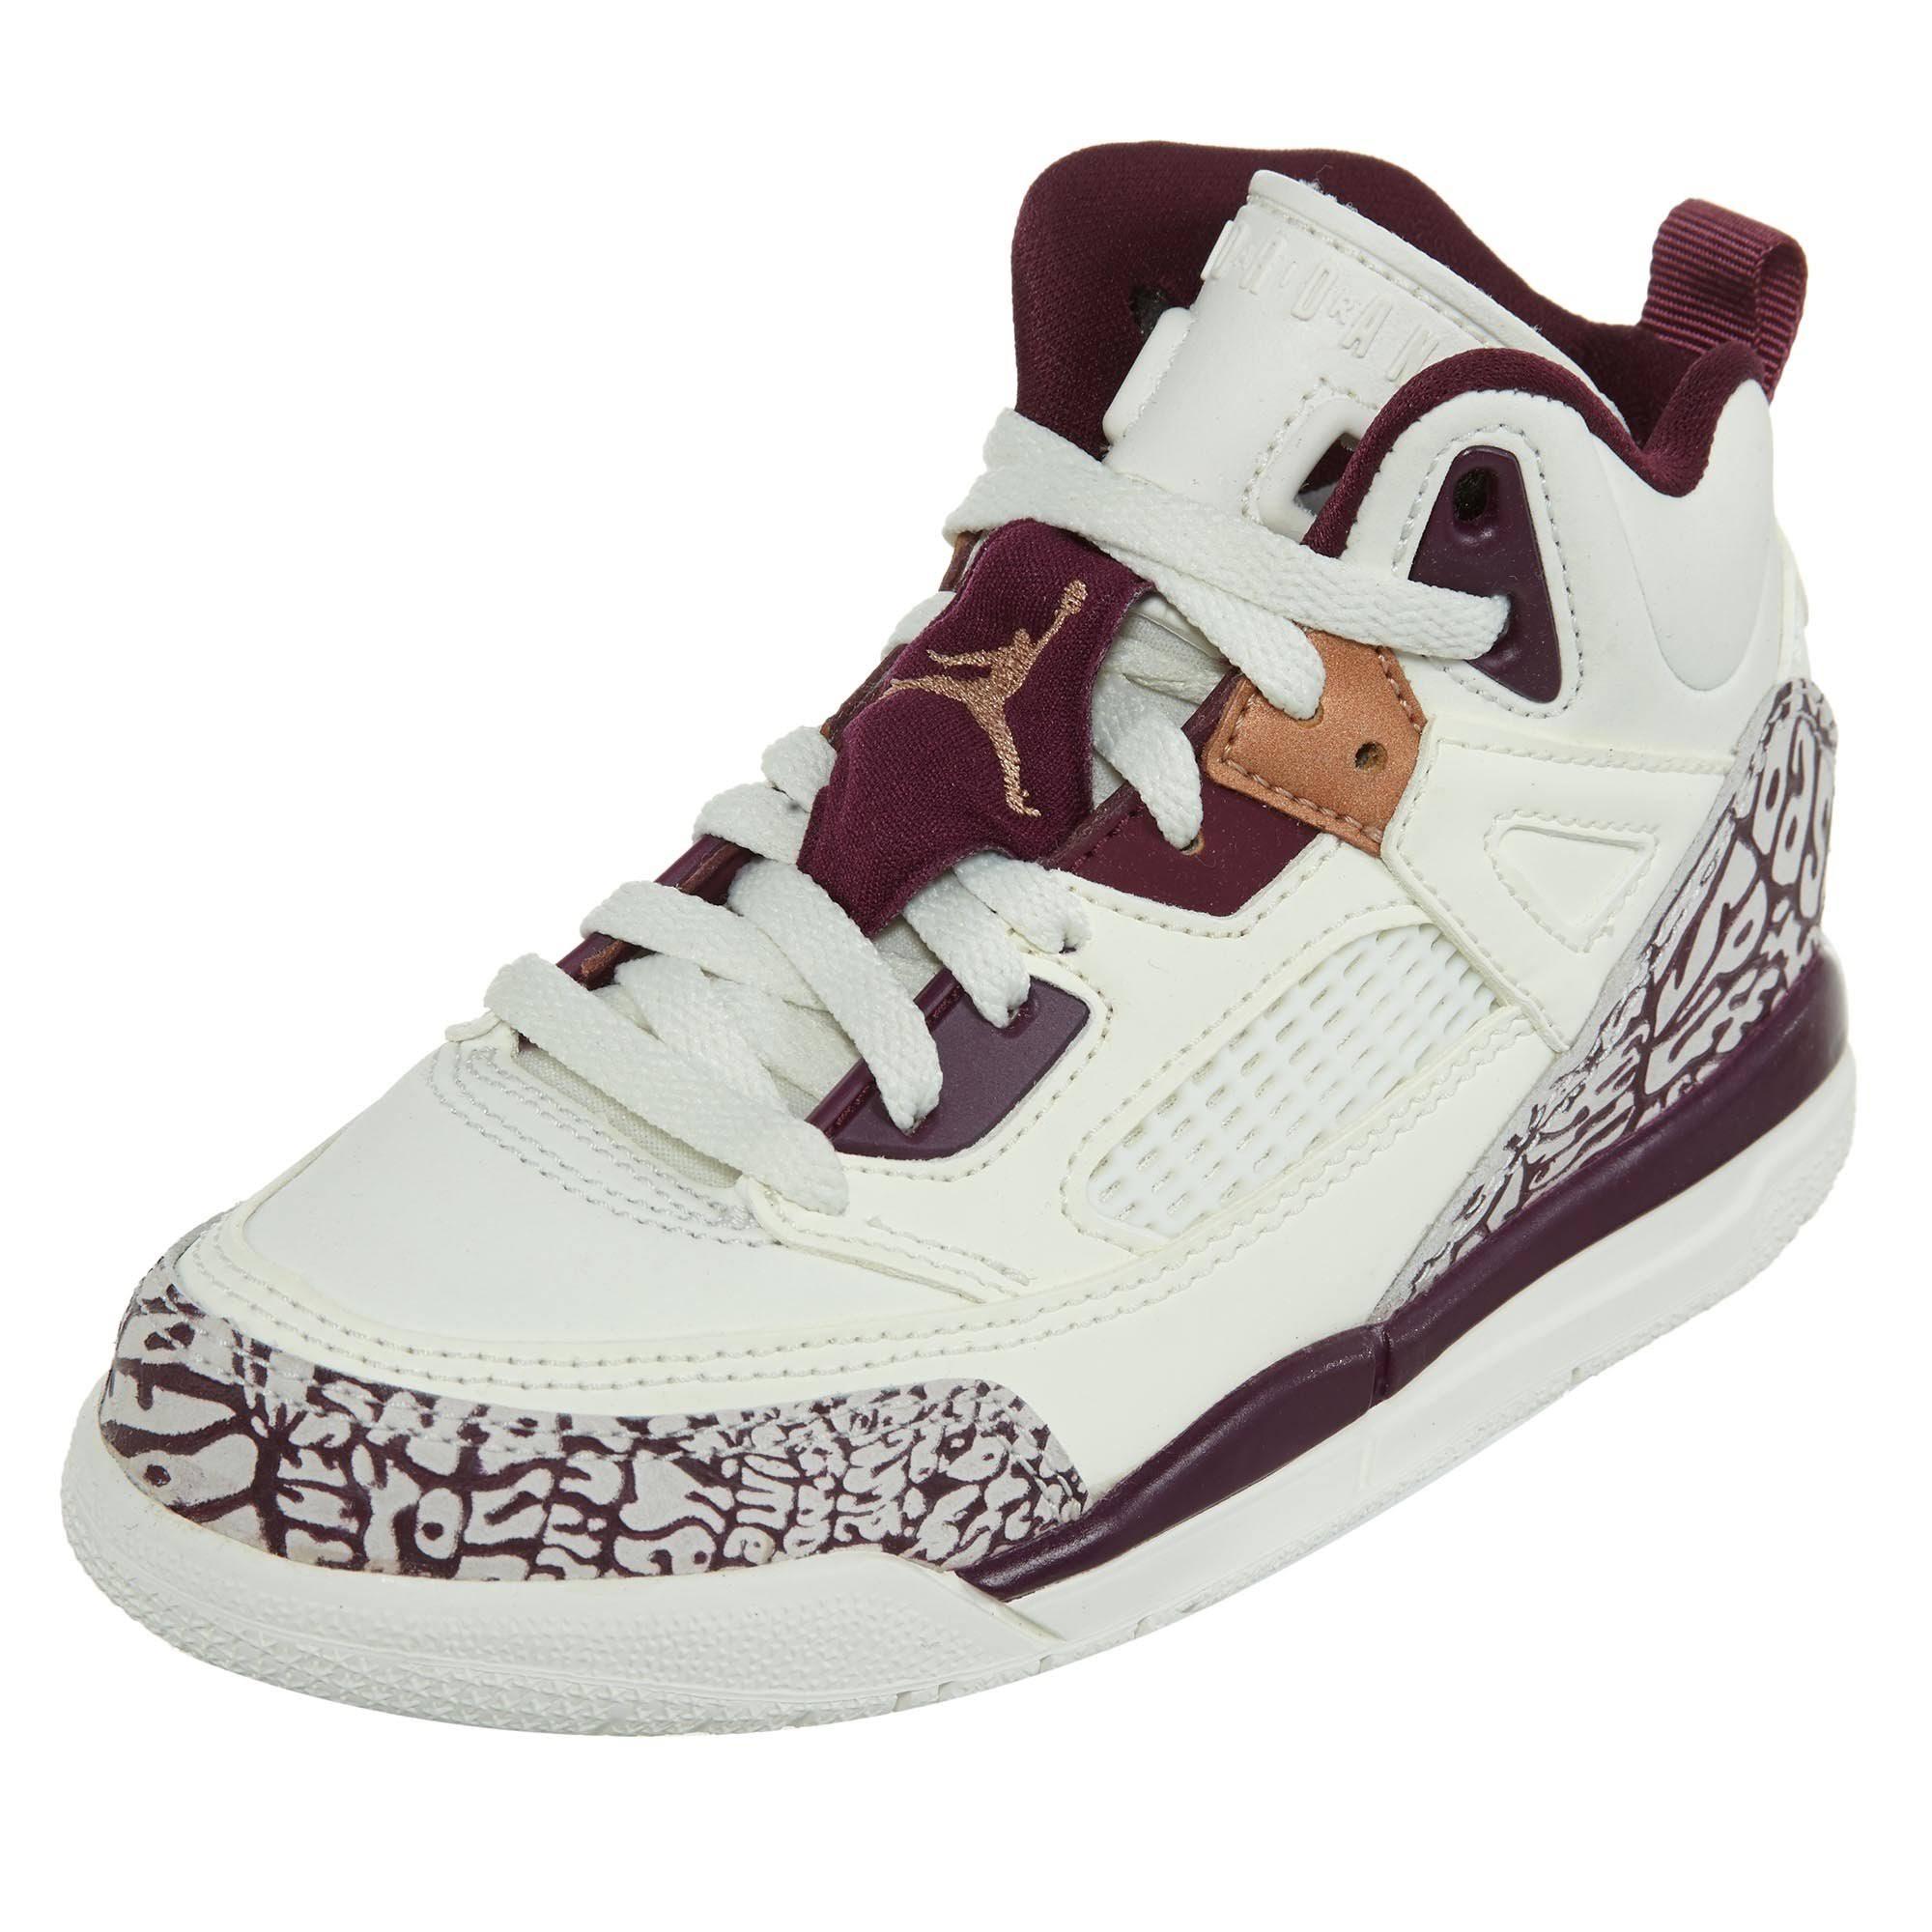 De Zapatillas Preescolar Tamaño 2 Jordan Baloncesto 535708132 Para Niñas Spizike qRHxOanP